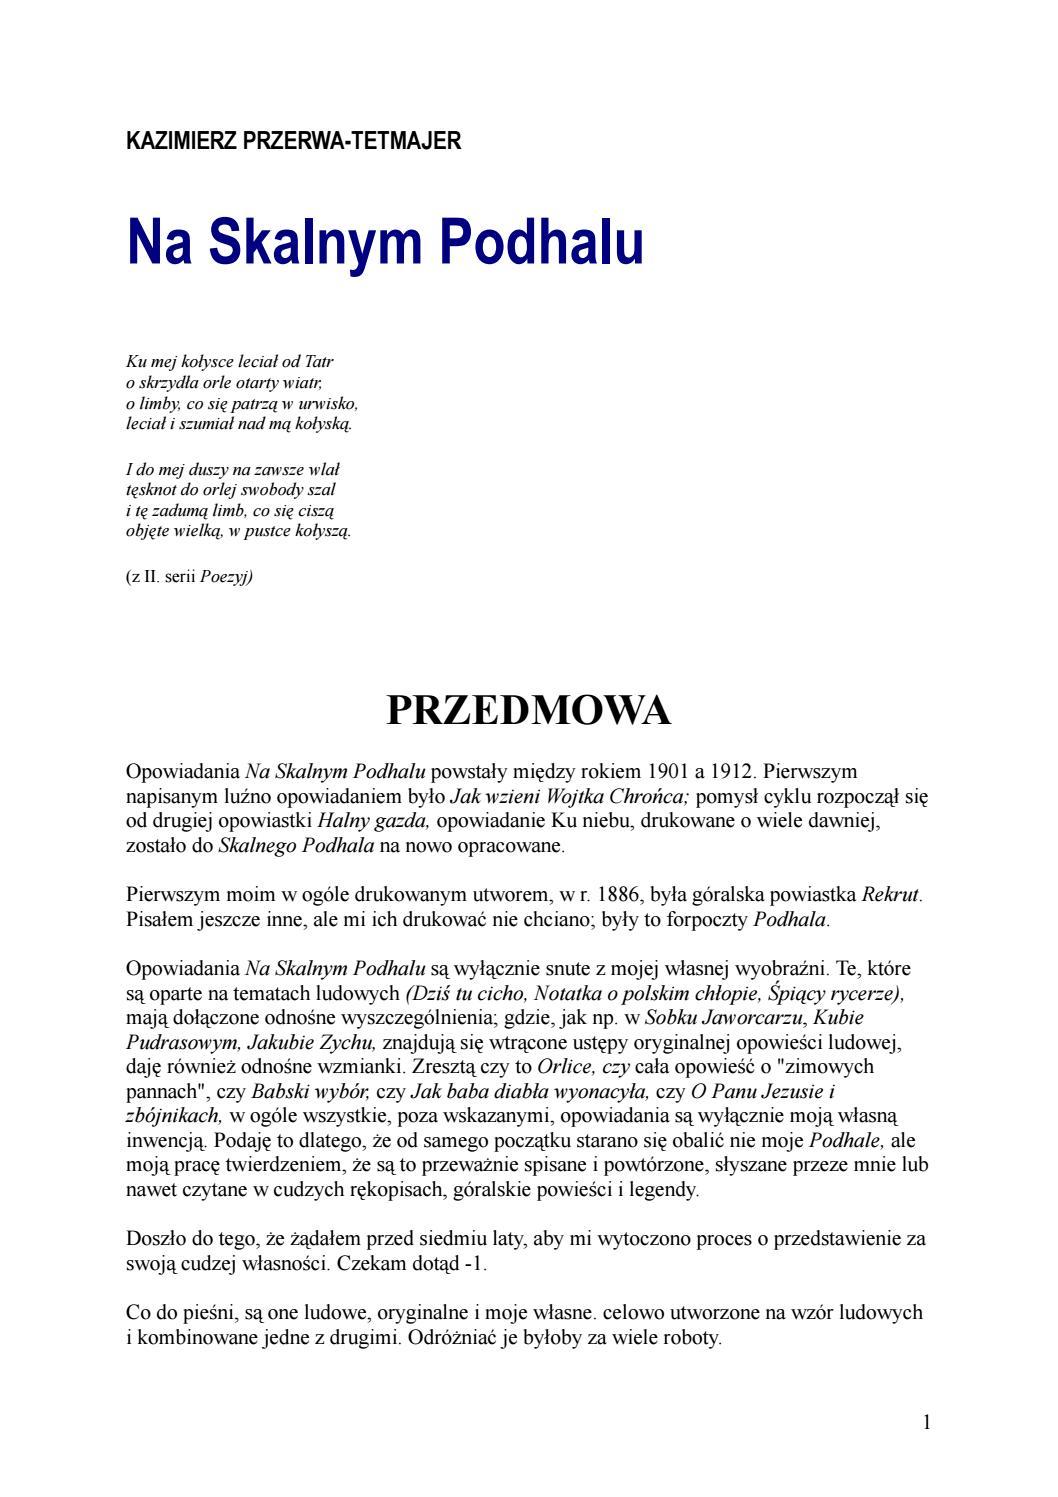 Kazimierz Przerwa Tetmajer Na Skalnym Podhalu By Ciotas Issuu